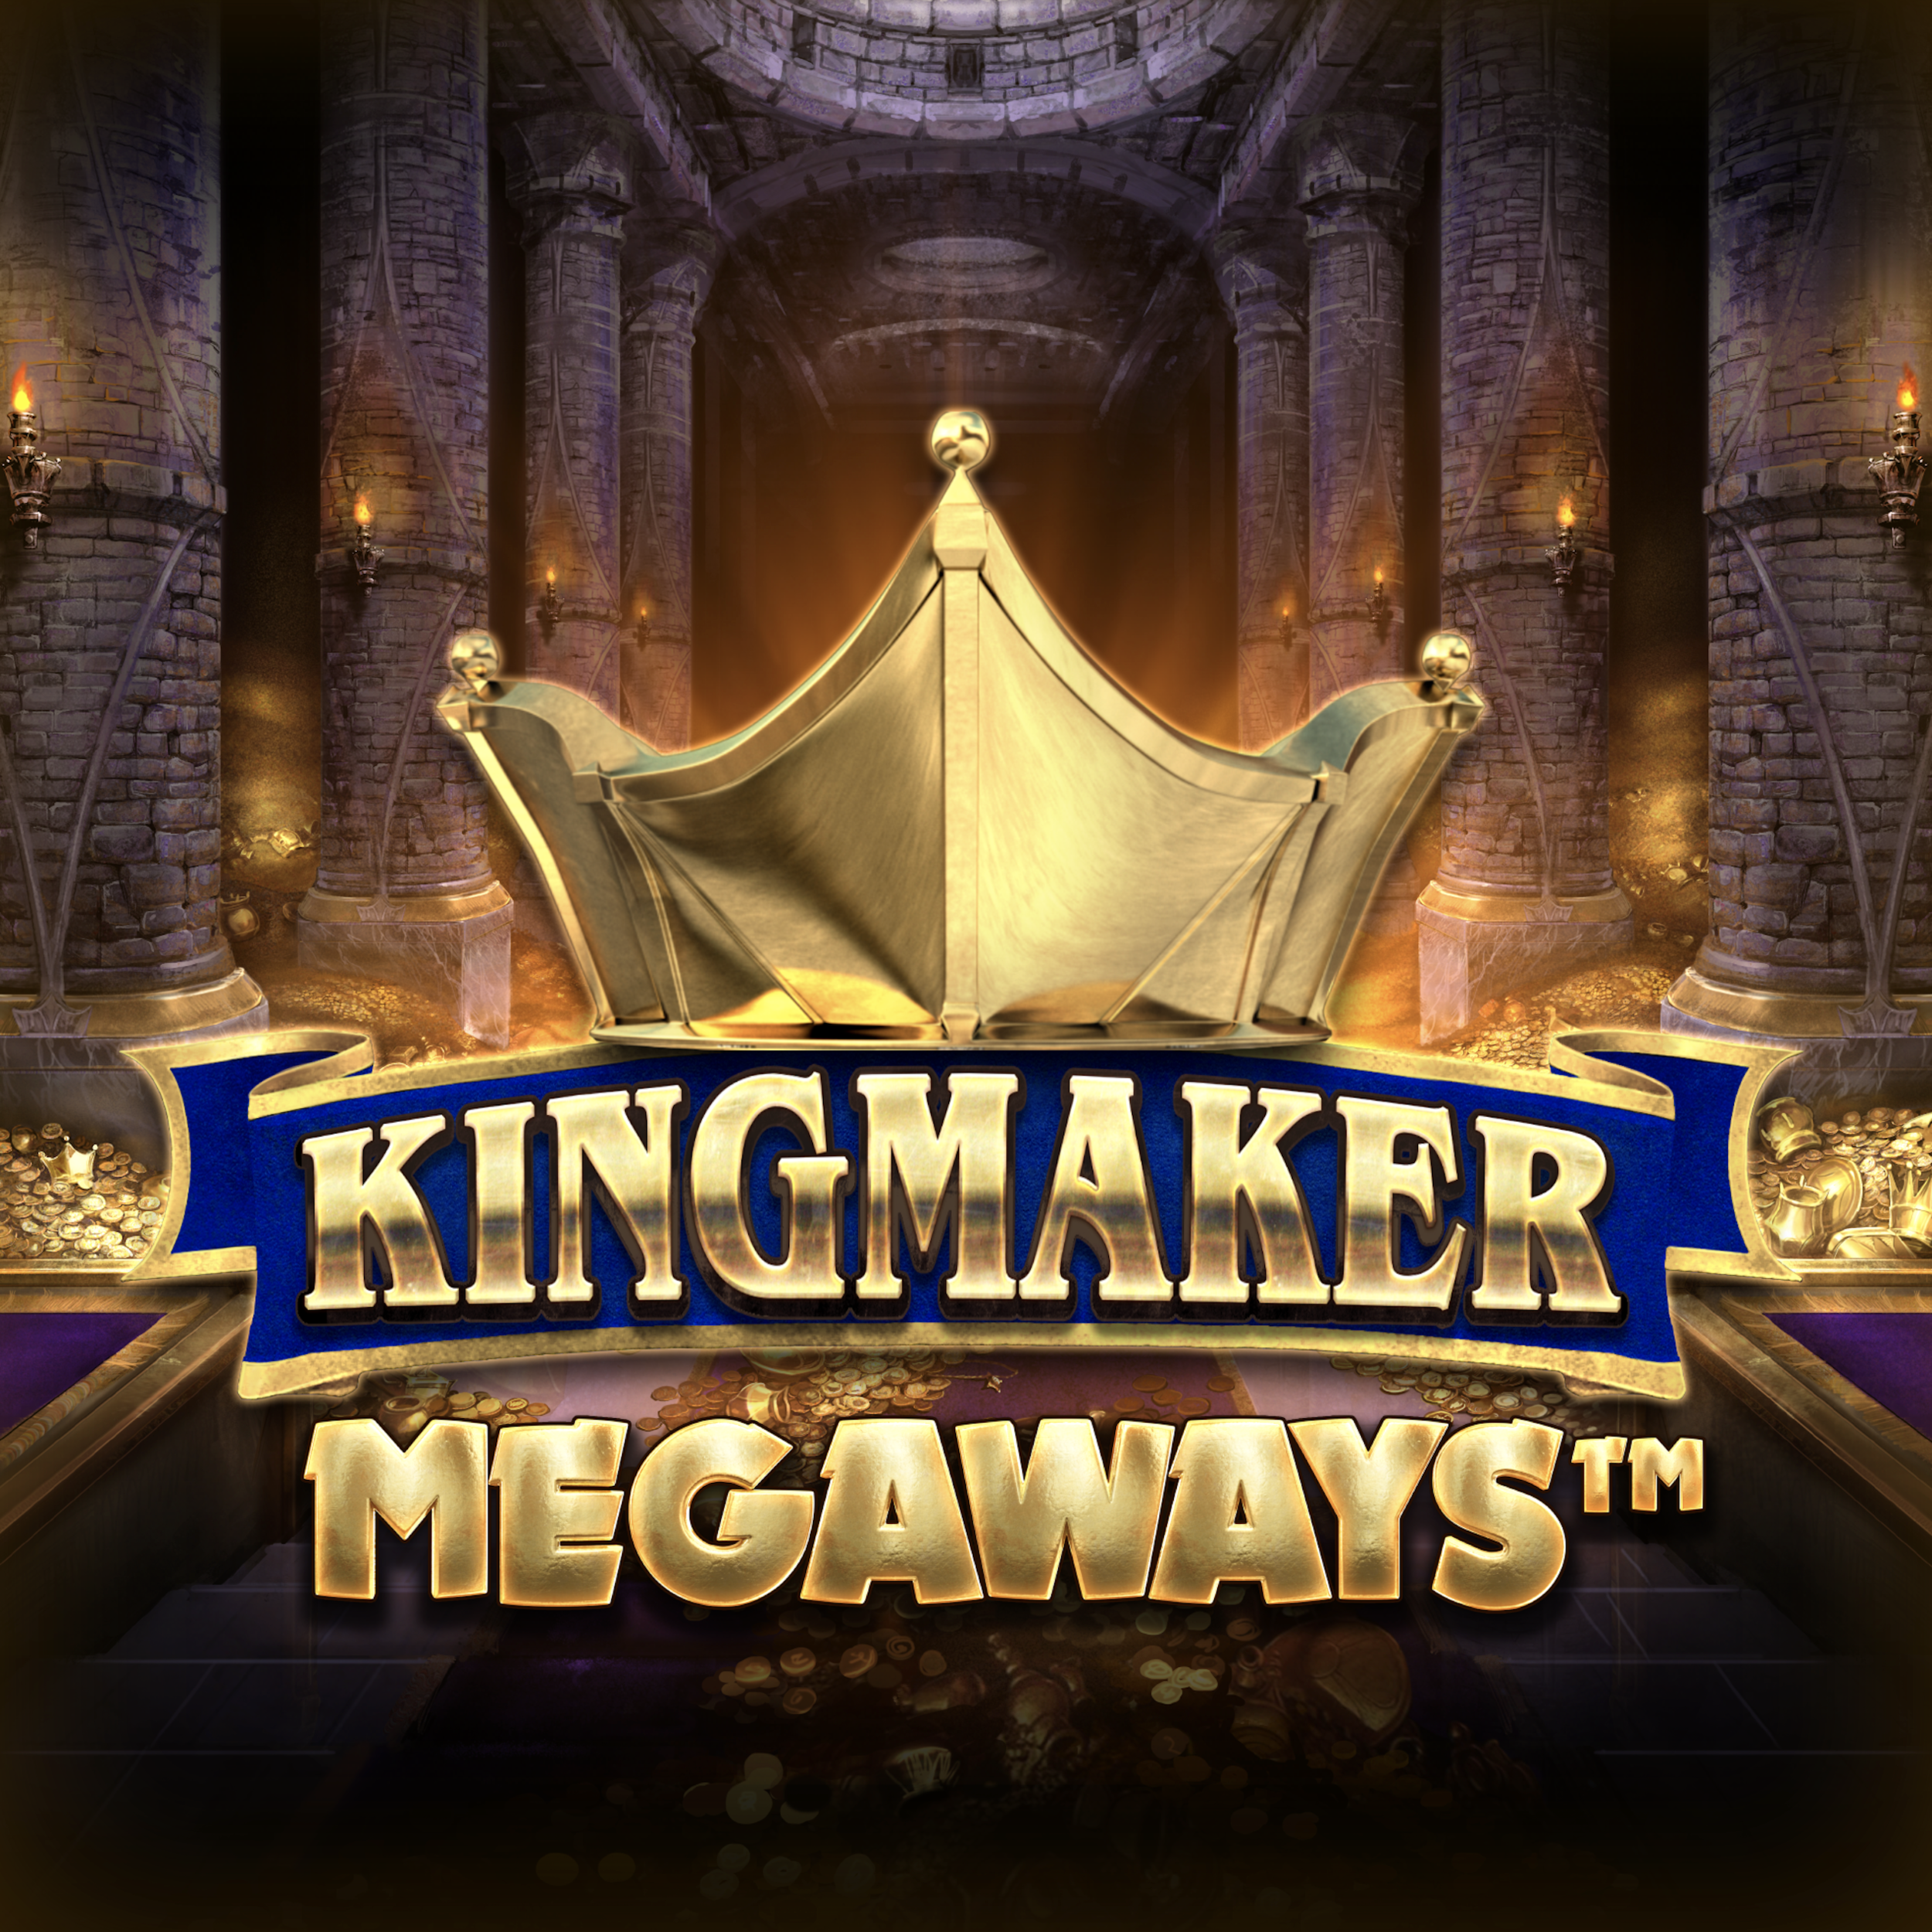 KingMaker.png